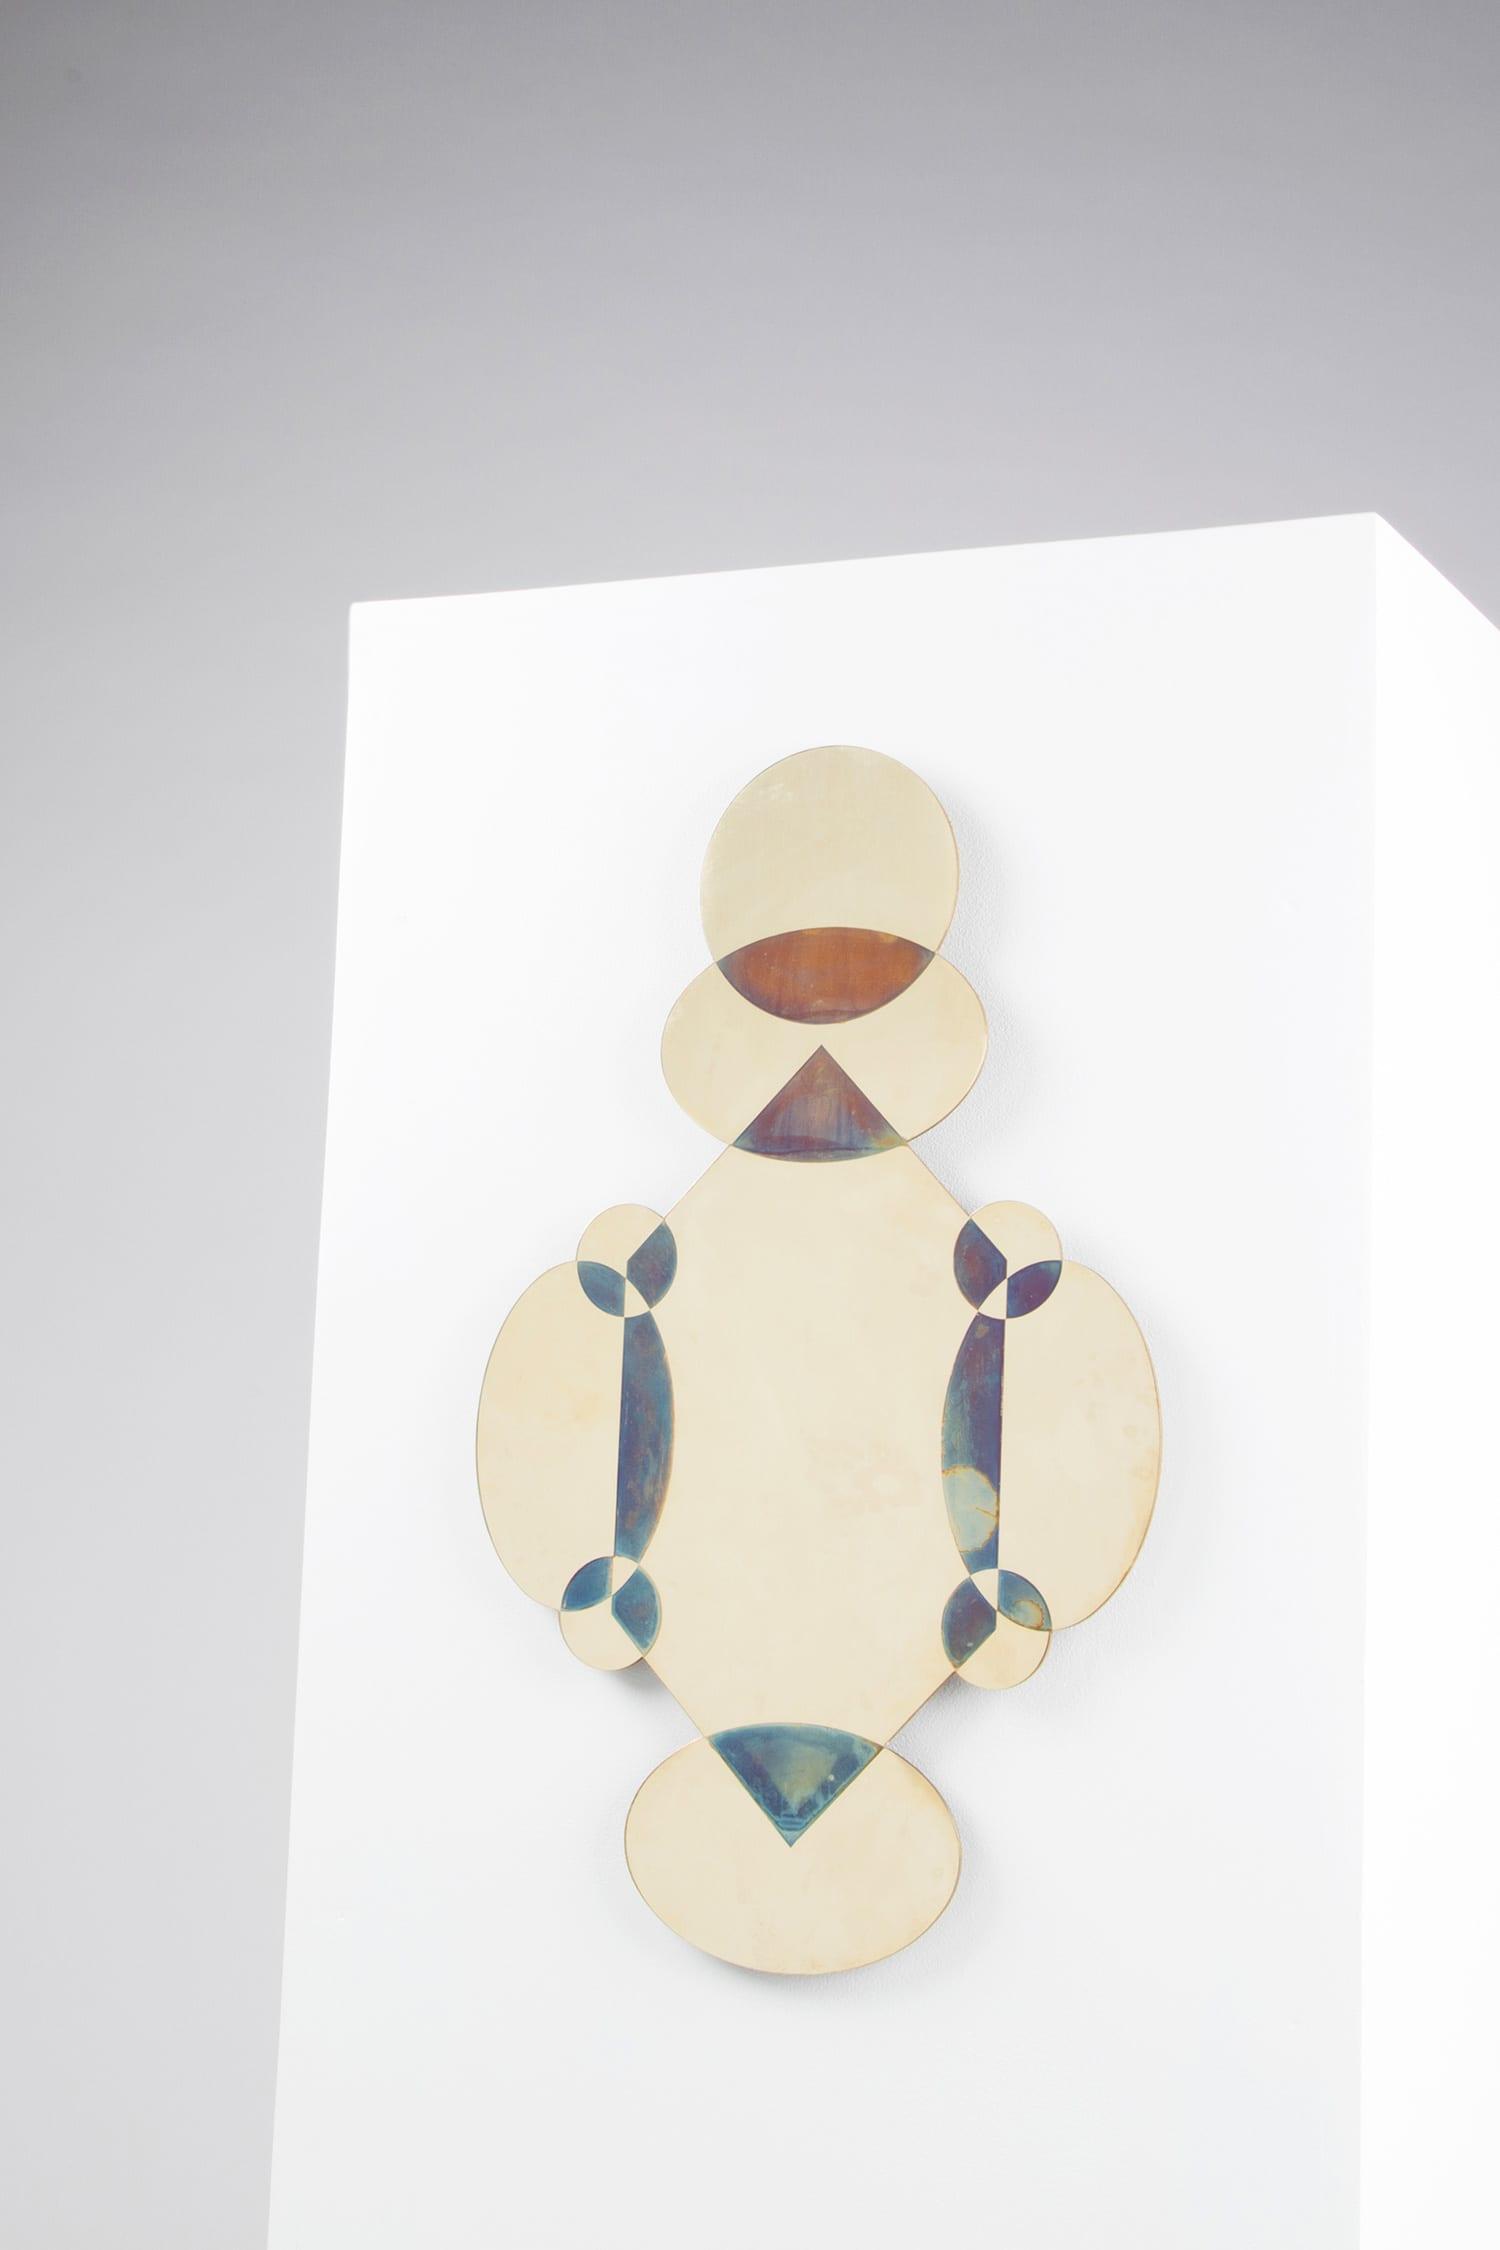 Barocche Mirror by Nikolai Kotlarczy at Stockholm Furniture Fair 2018 | Yellowtrace